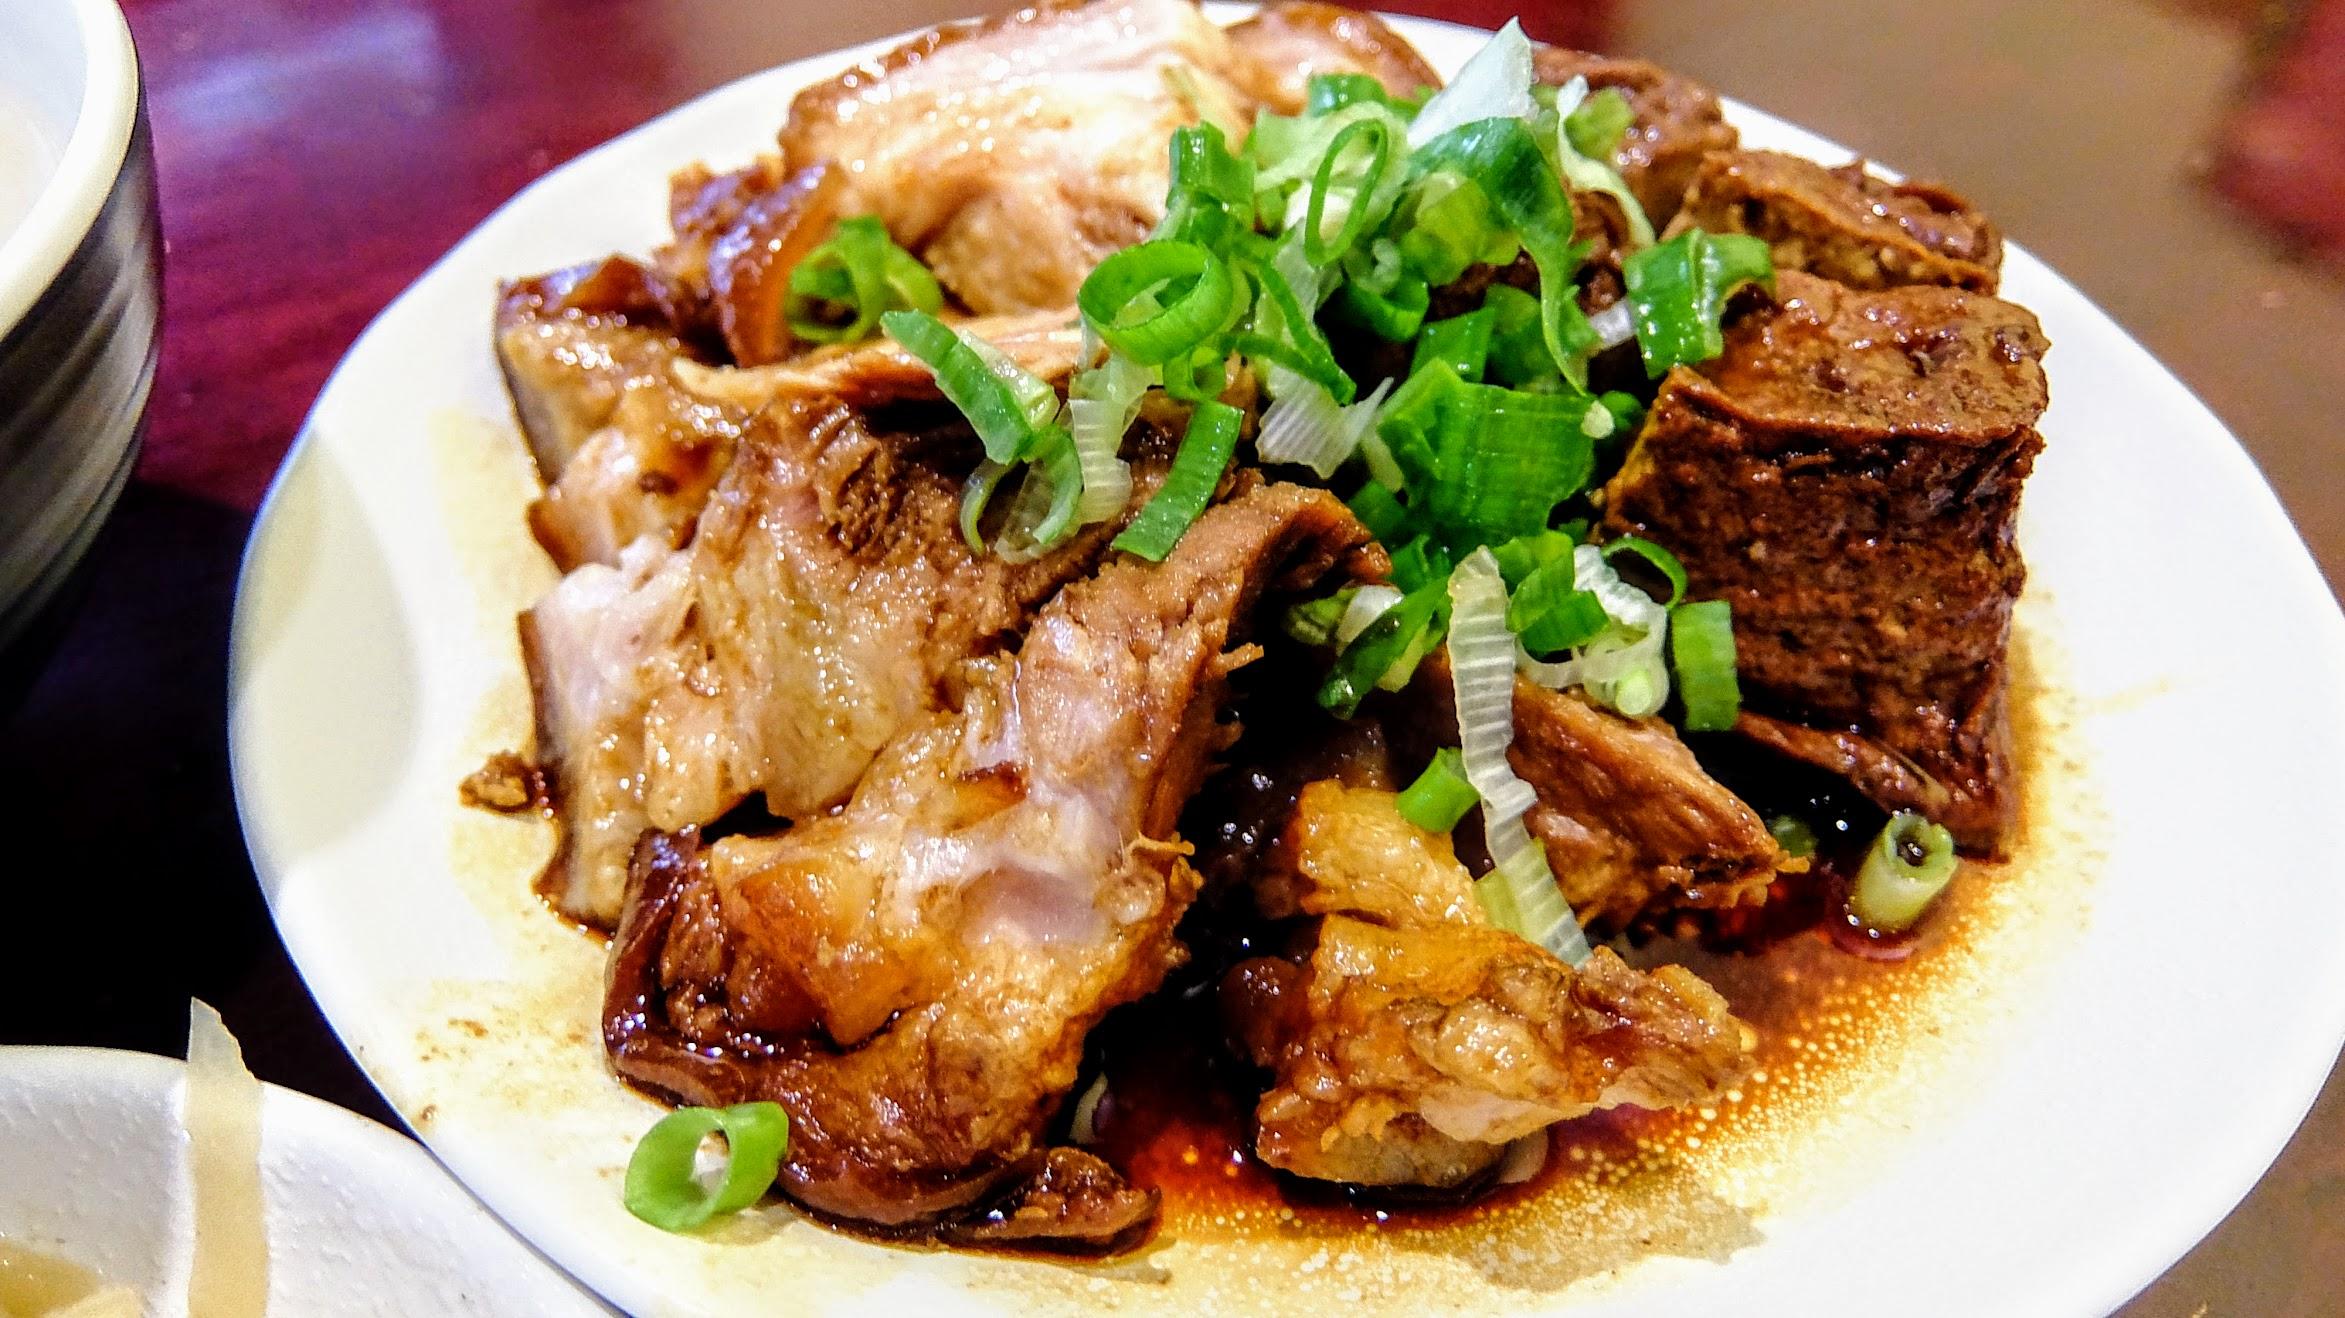 腳庫肉切了一盤,旁邊還有套餐內附上的滷豆腐,腳庫肉是帶皮帶油帶肉的,個人很愛說! 吃起來頗軟嫩,加上底下鹹鹹湯汁,下飯啊!